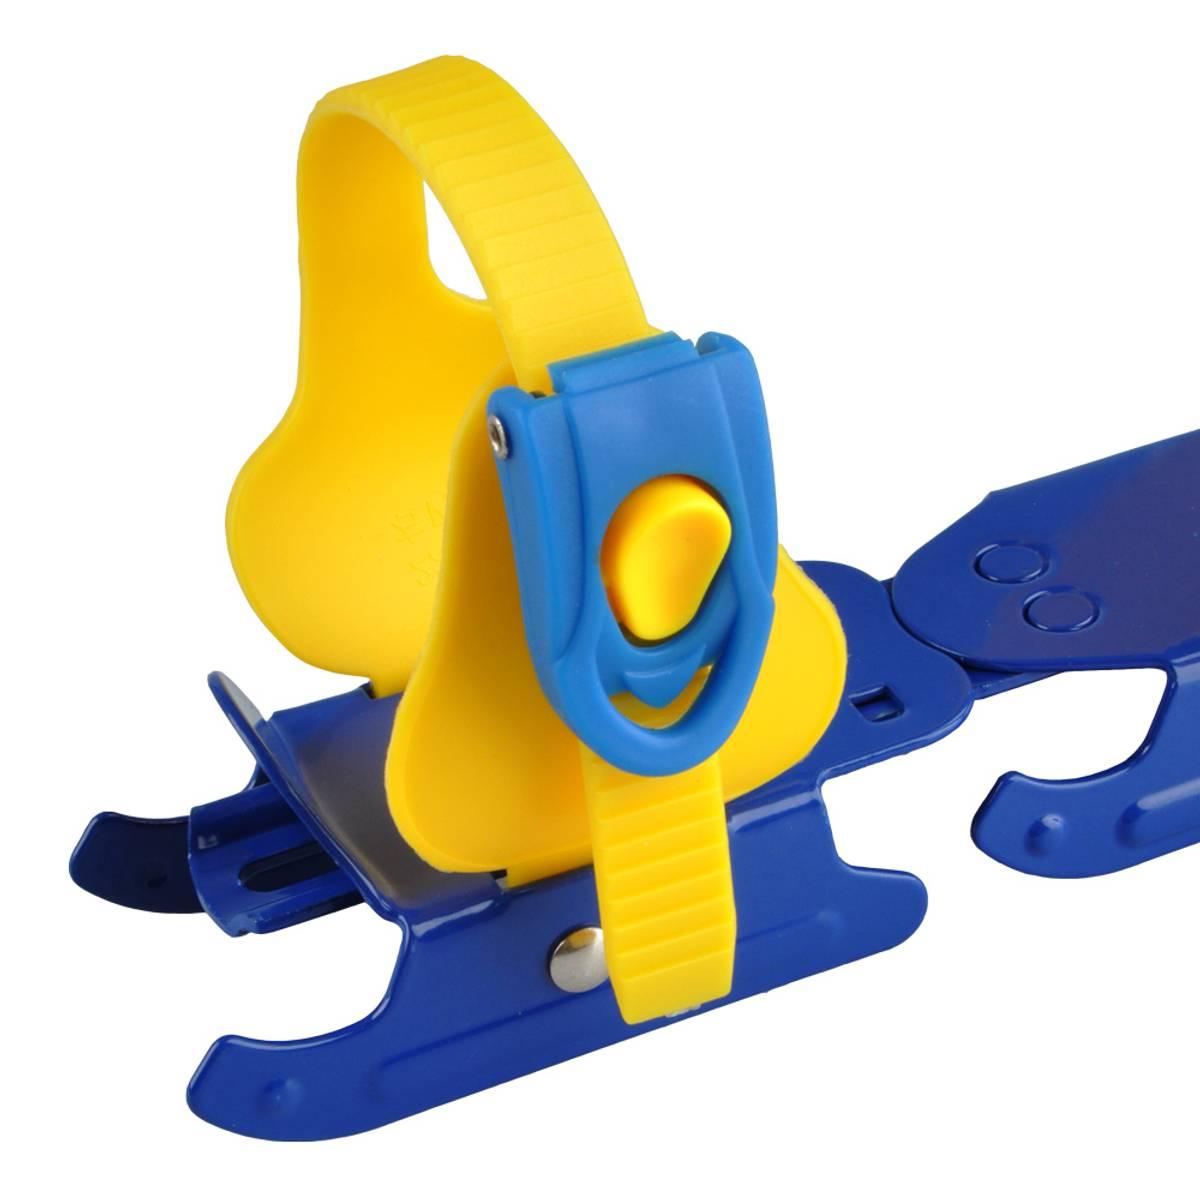 Treningsskøyte til barn WORKER Duckss Blue